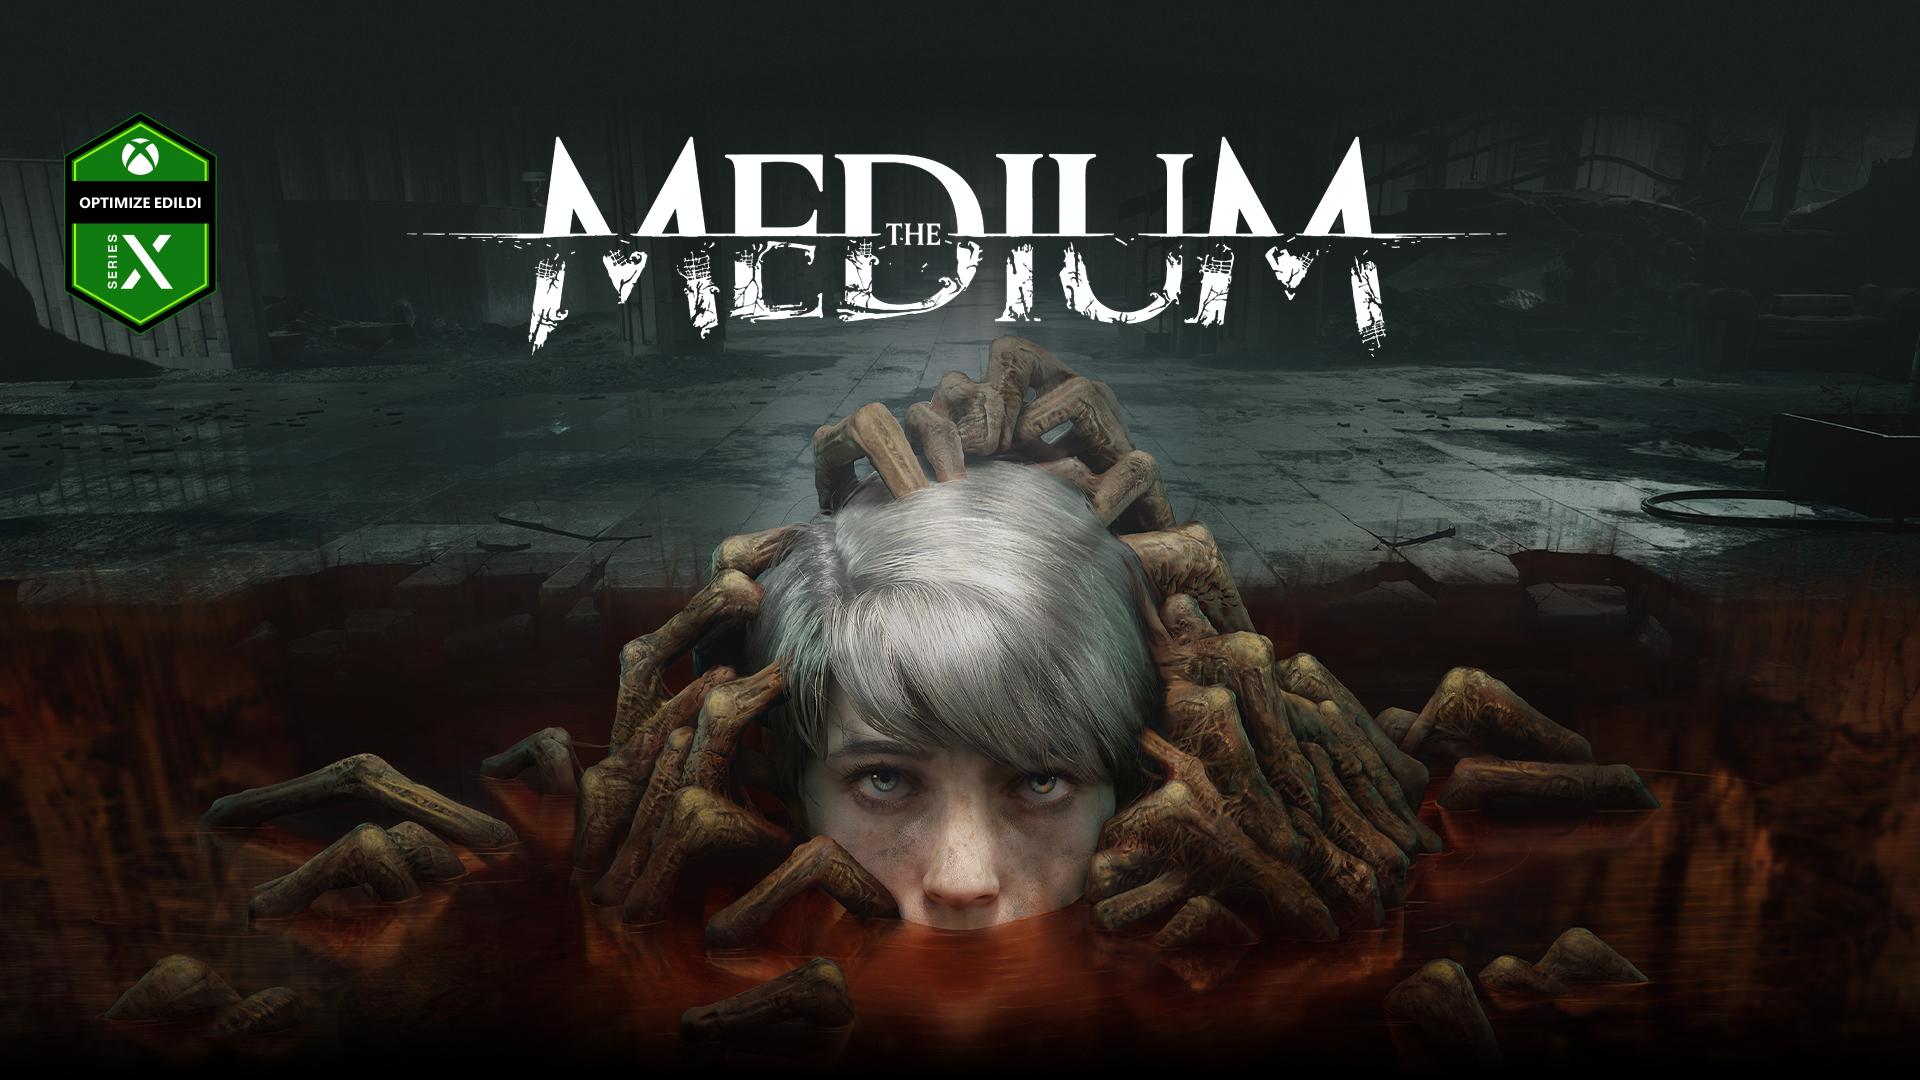 The Medium, Series X için Optimize Edildi, Hortlakların elleriyle dolu bir birikintiden bir çocuğun yukarı doğru çıkmış kafası.